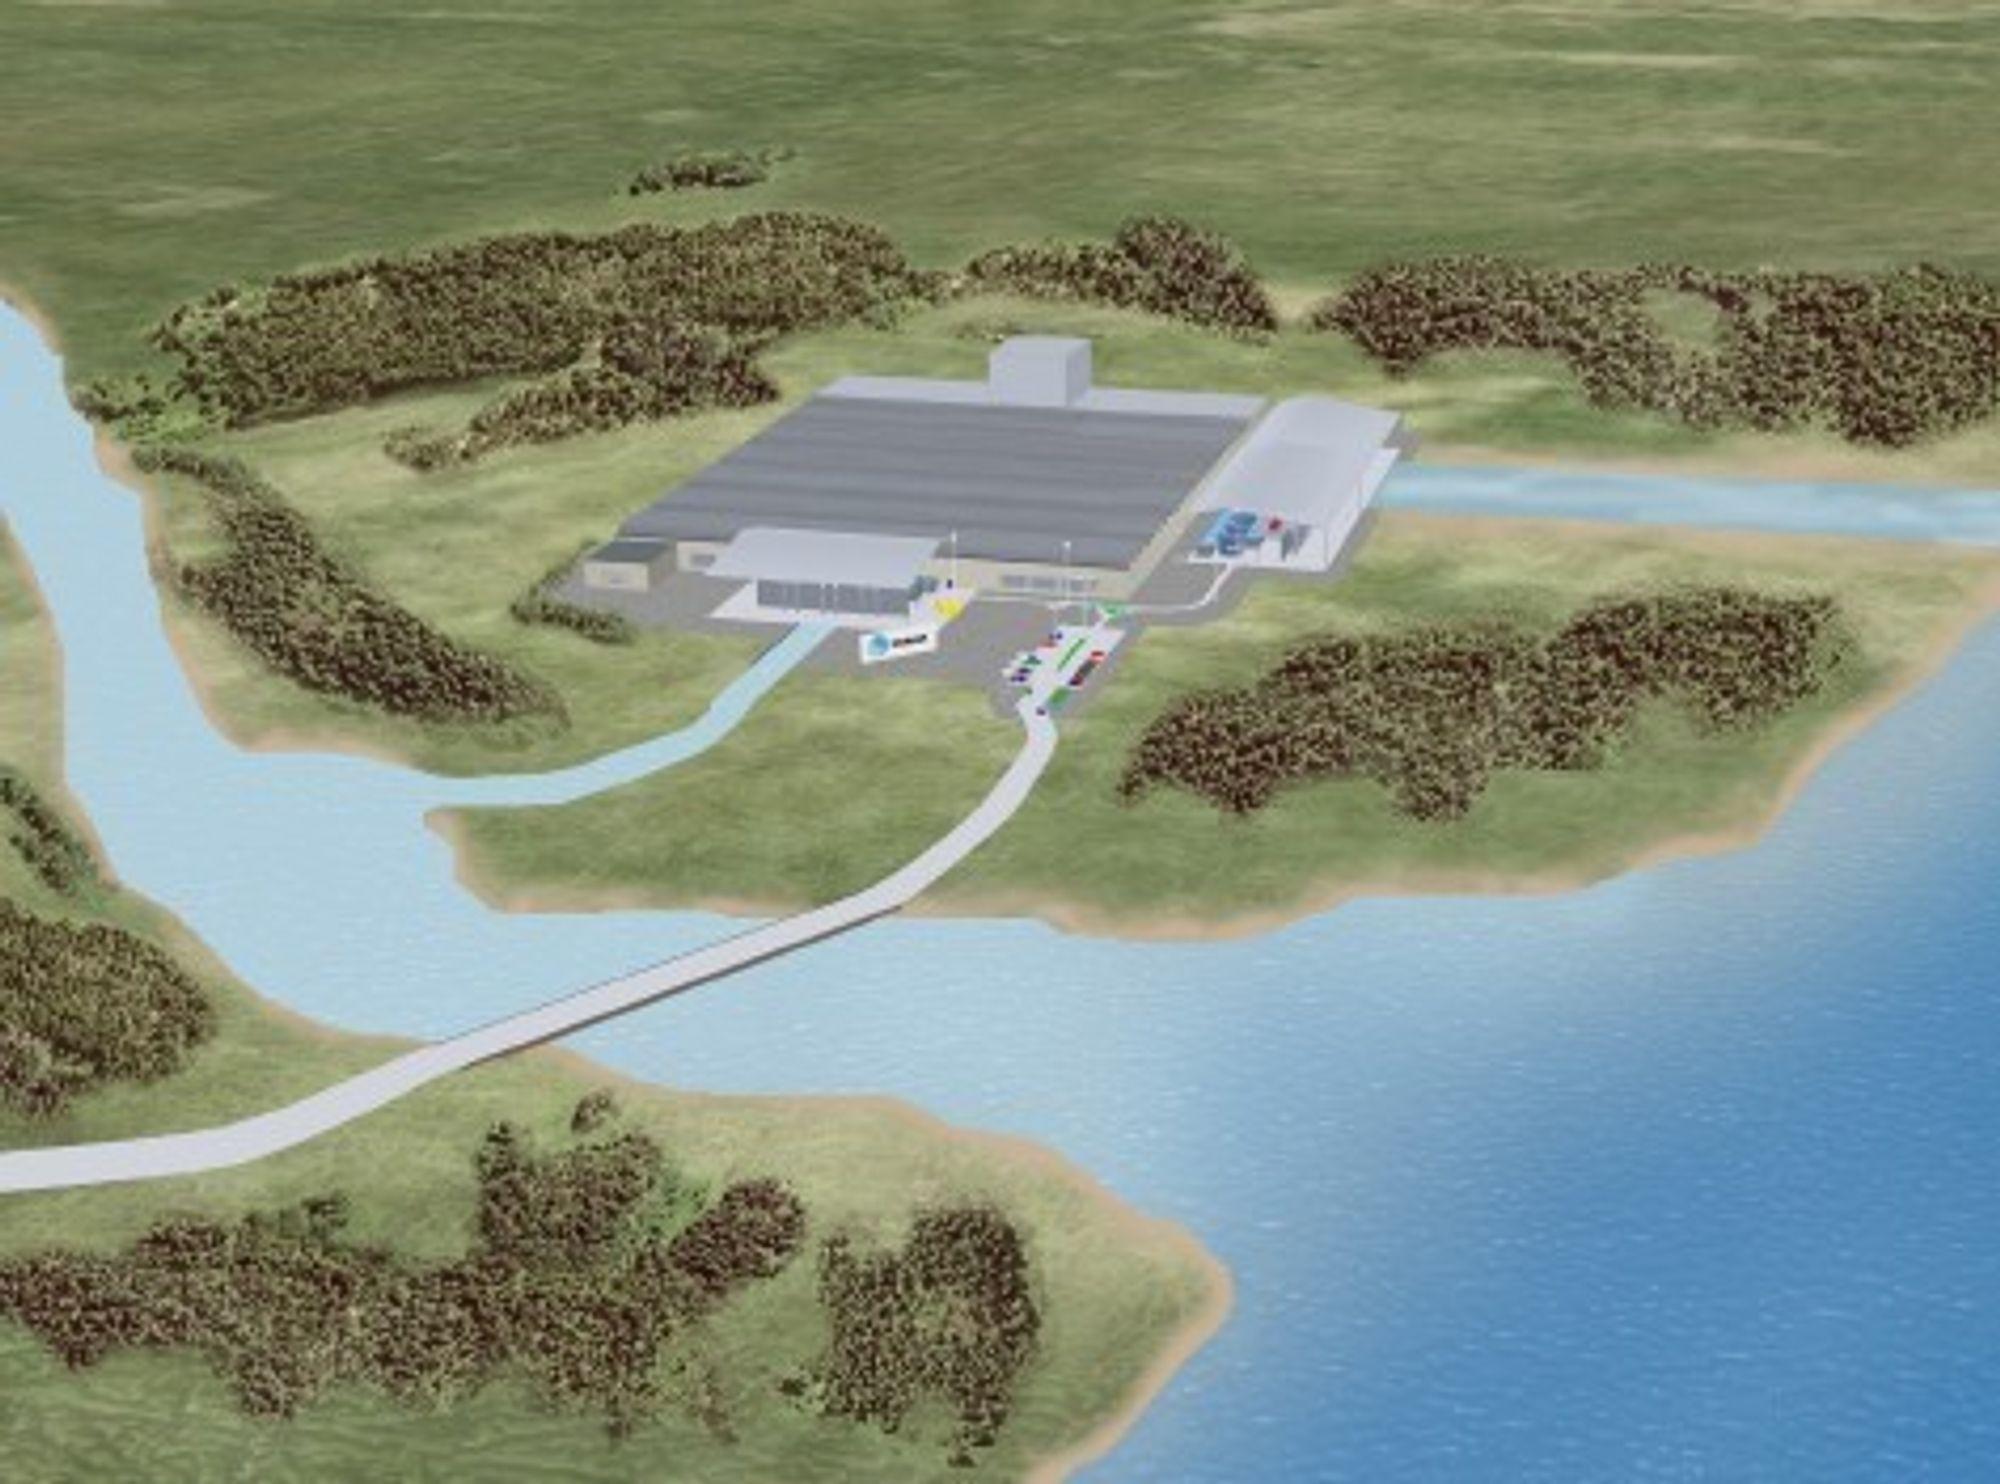 Saltkraftverk kan bygges i fri luft eller under bakken ved utløpet av elver i havet. Den beste plasseringen er ved eksisterende vannkraftverk, der det allerede finnes infrastruktur. Illustrasjon.